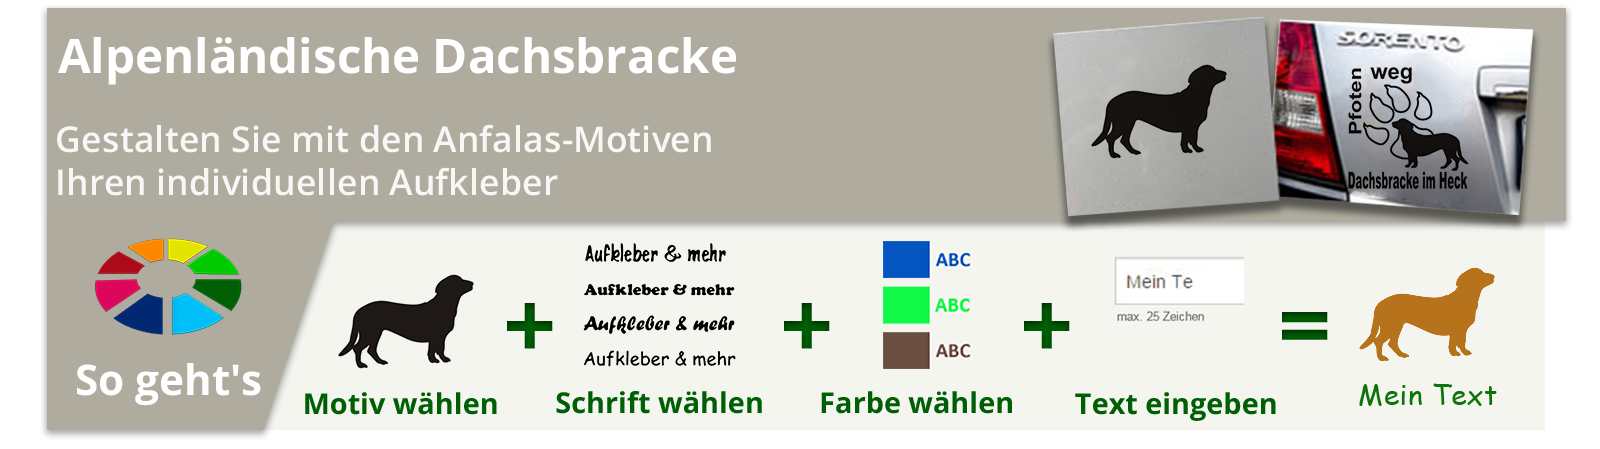 Alpenländische Dachsbracke Aufkleber